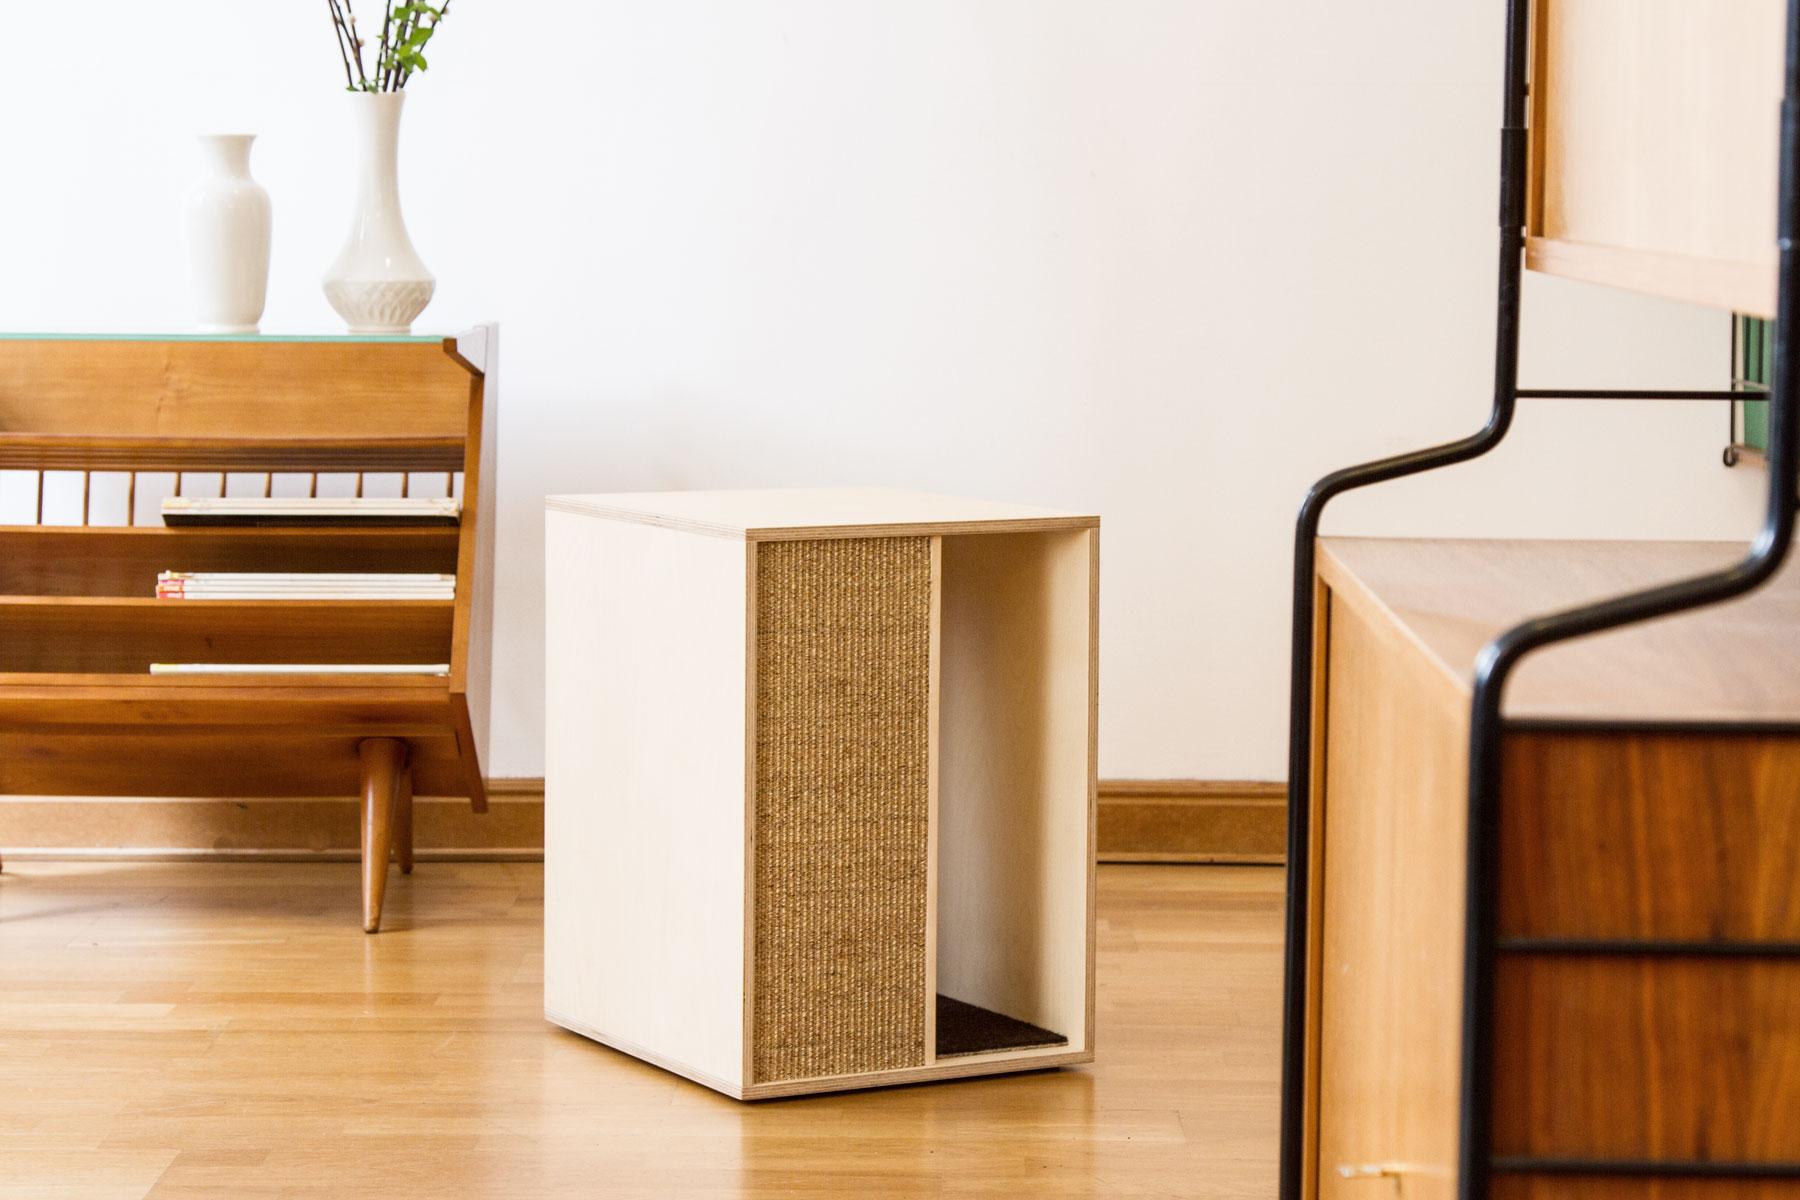 design katzenbaum katzenmbel fr die moderne wohnung cat. Black Bedroom Furniture Sets. Home Design Ideas